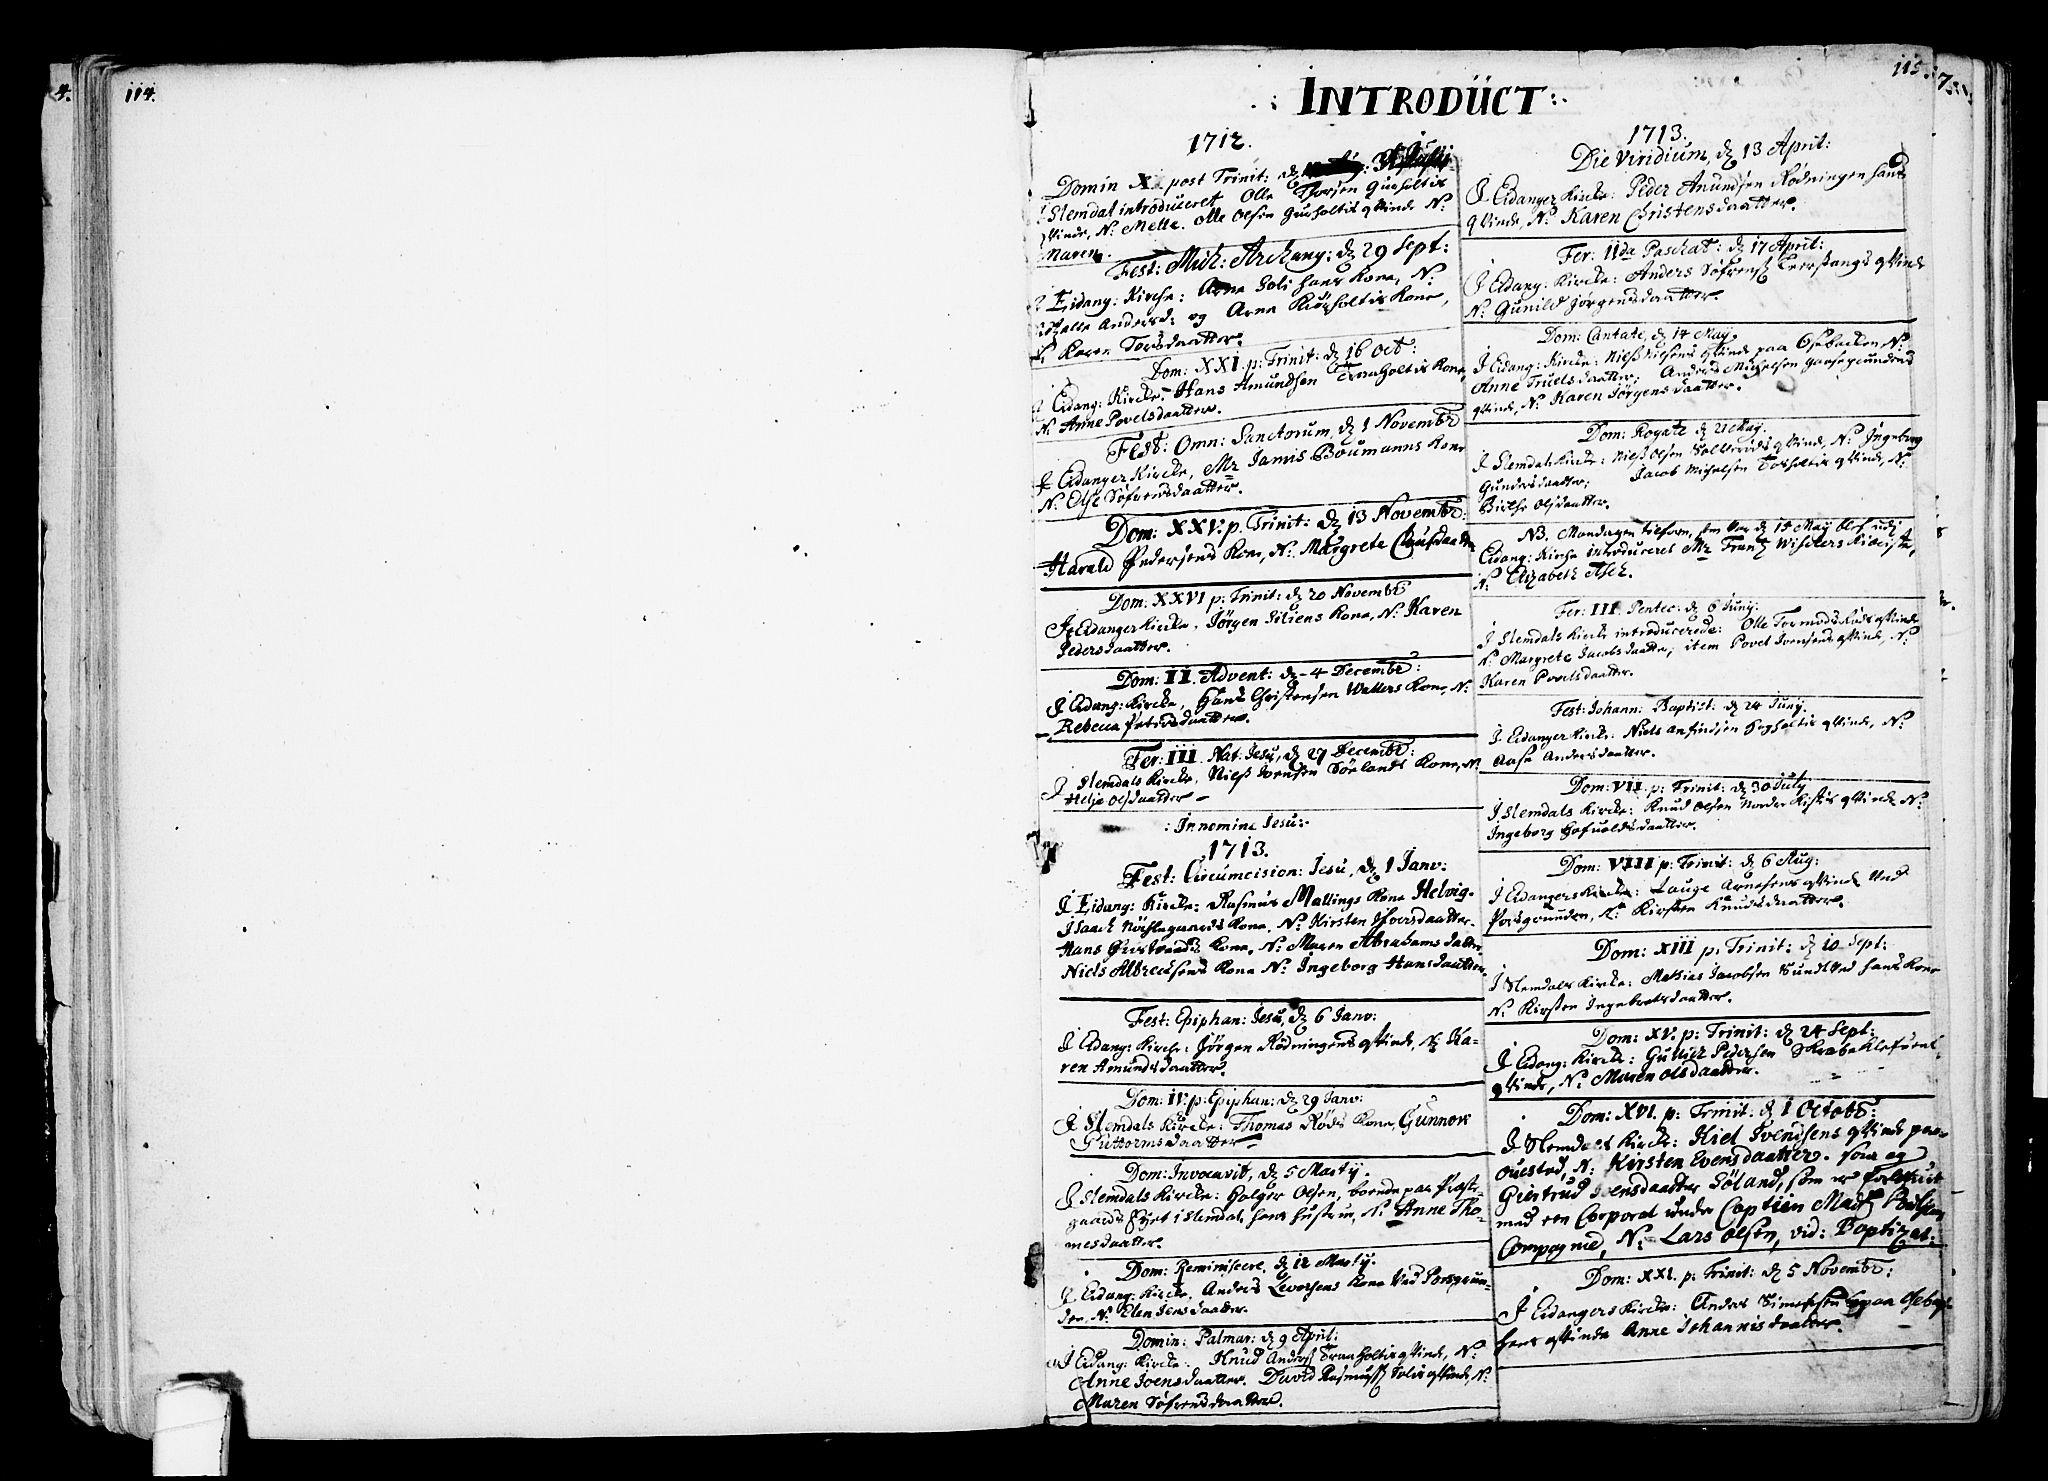 SAKO, Eidanger kirkebøker, F/Fa/L0002: Ministerialbok nr. 2, 1712-1720, s. 114-115